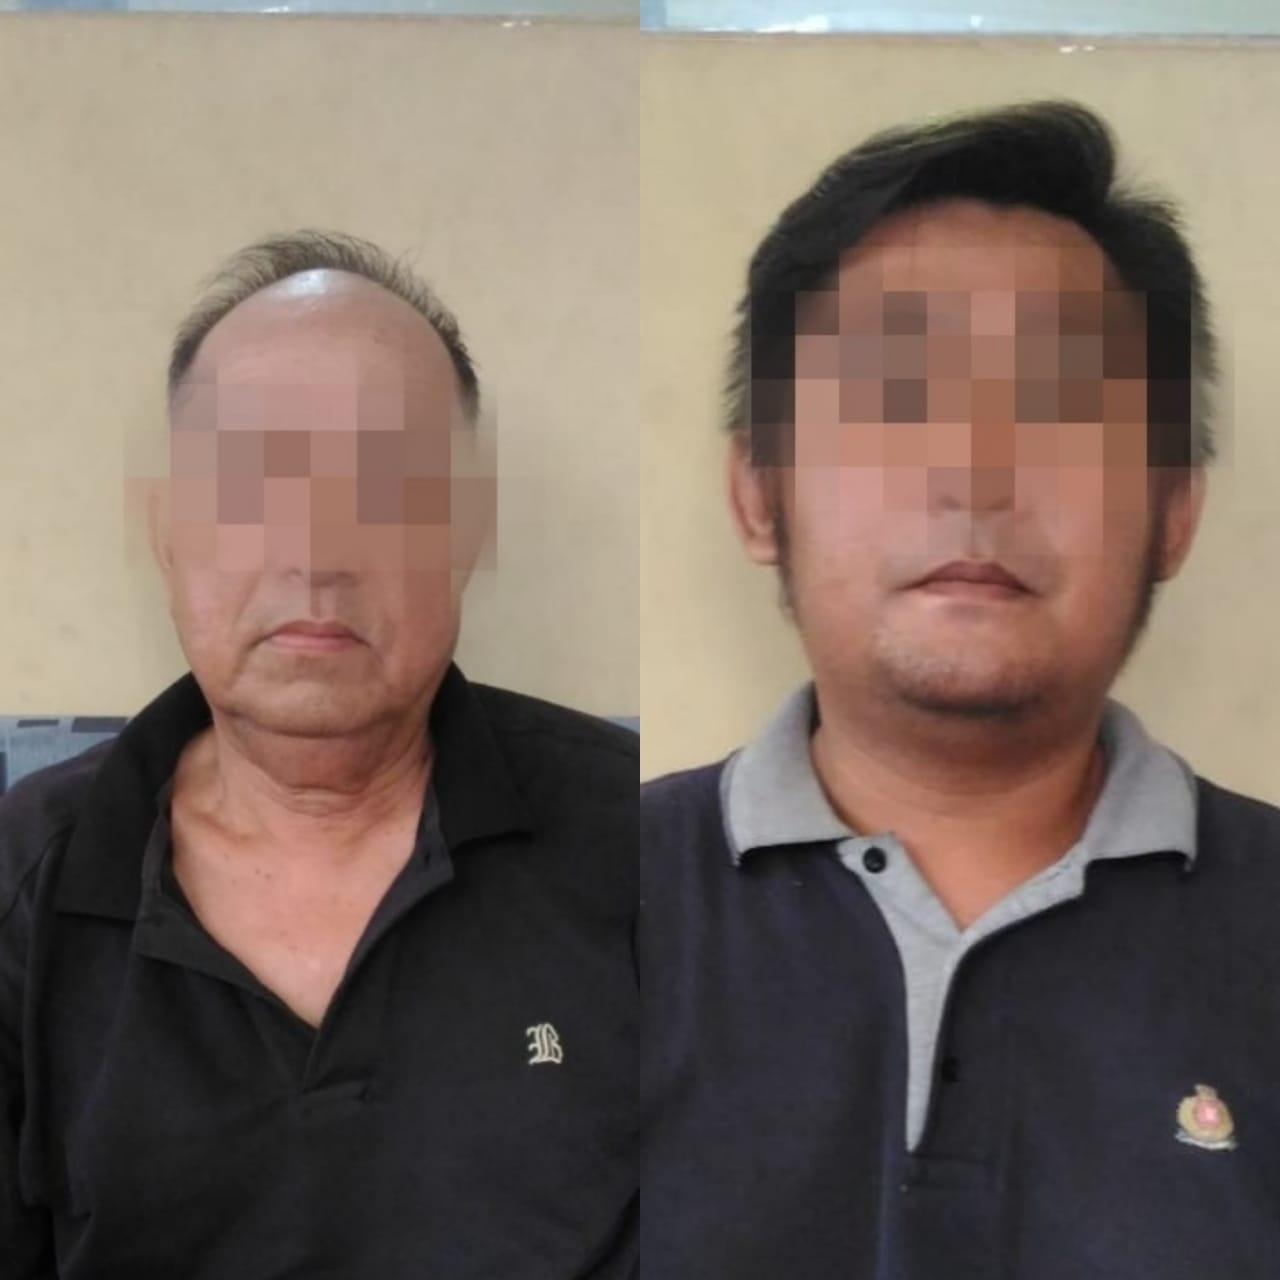 Polisi Gerebek Judi Sabung Ayam Di Kebon Jeruk, Tiga Orang Pelaku Berhasil Di Amankan